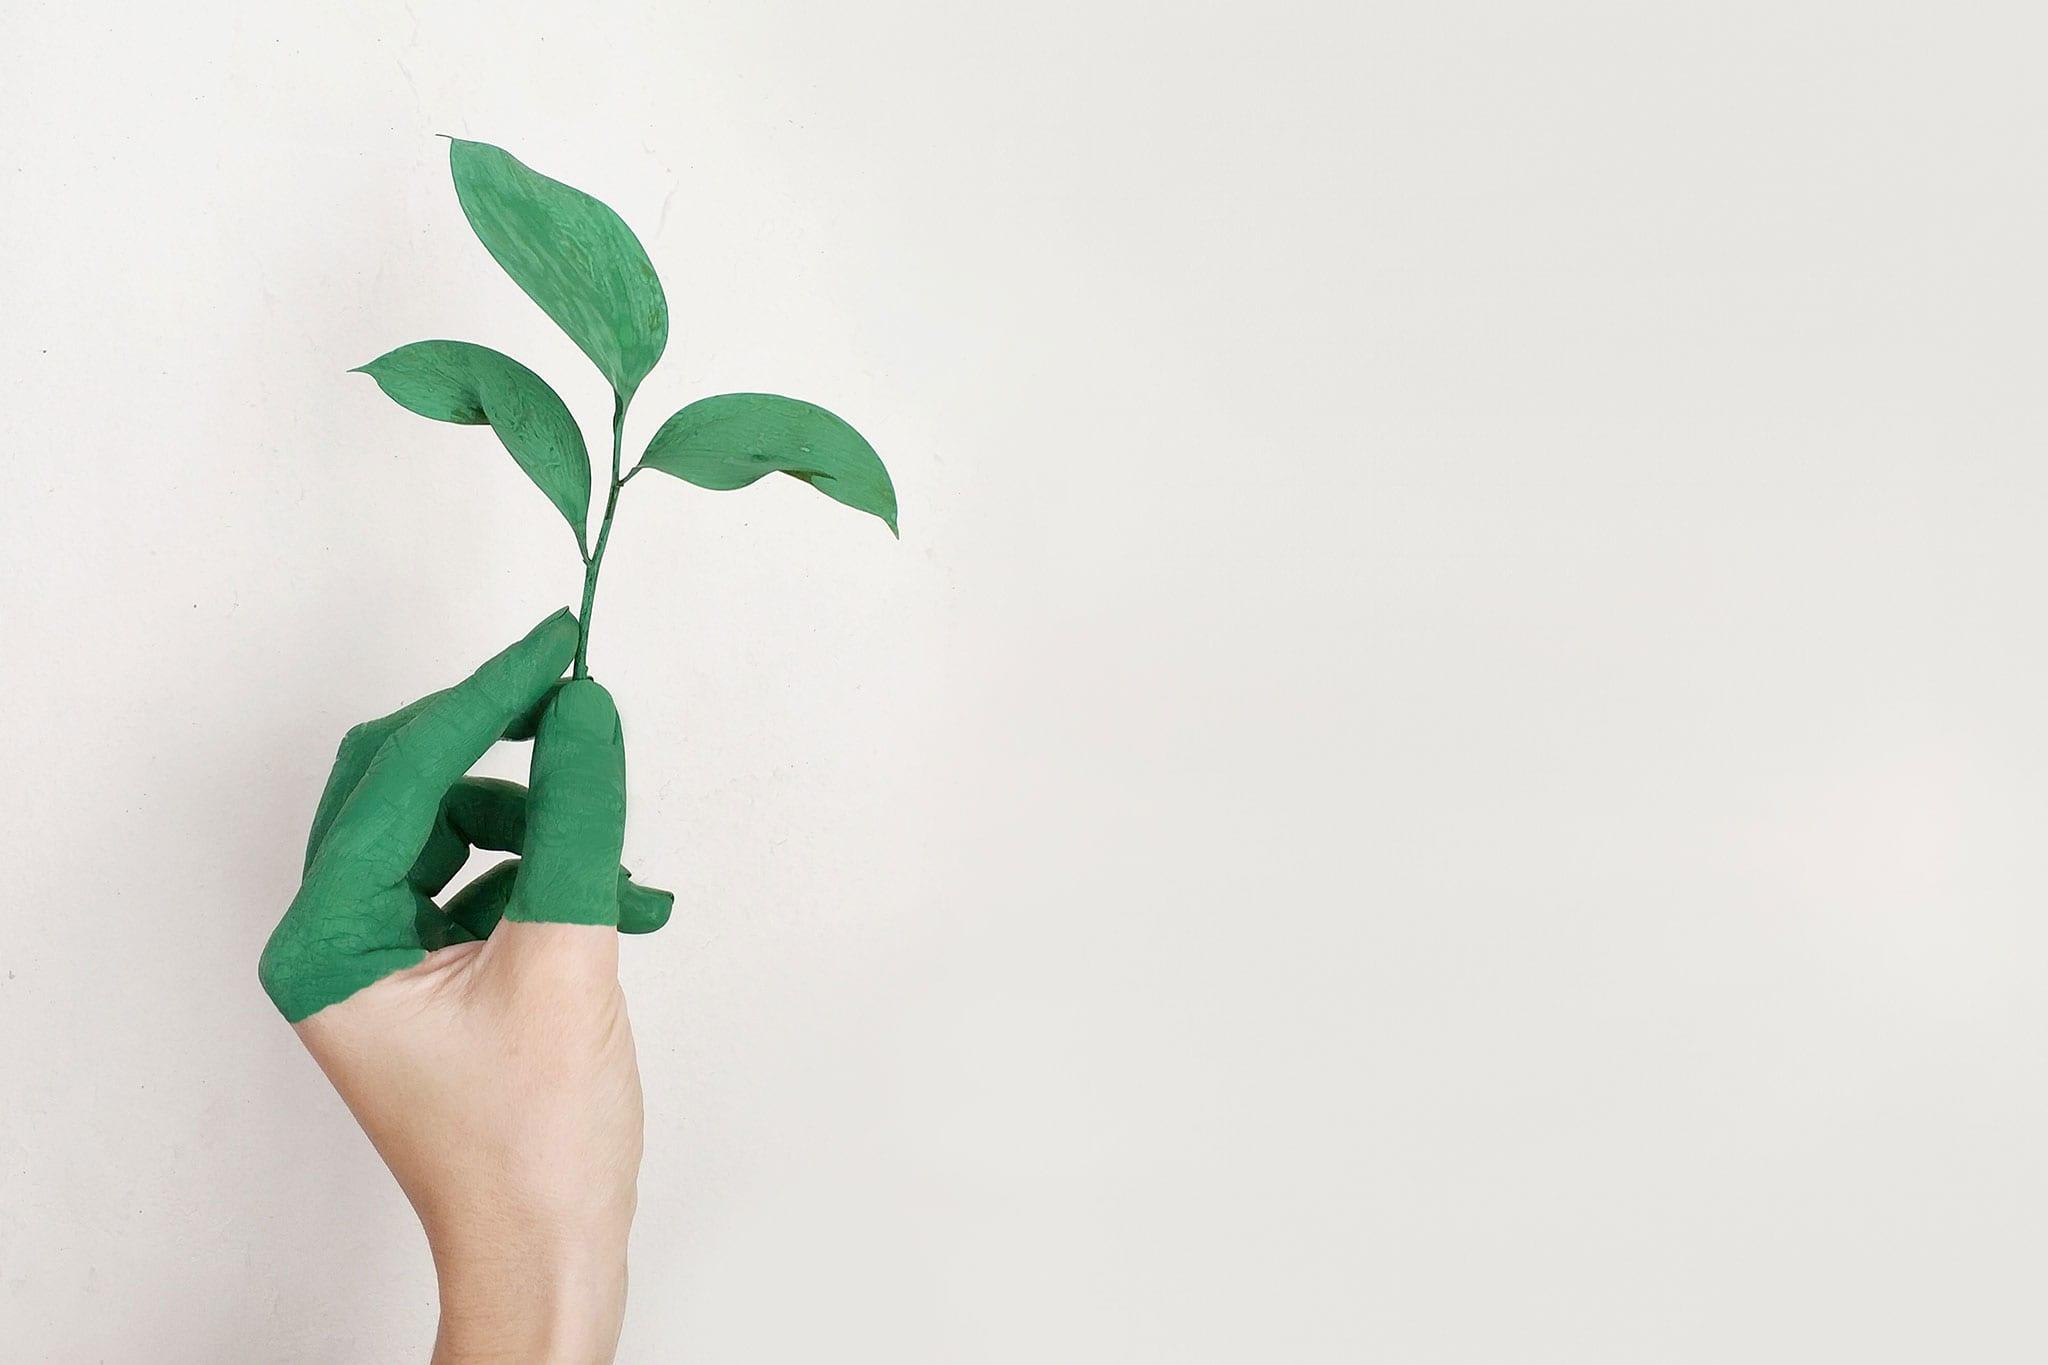 Sustentabilidade Doméstica: substituição de produtos para gerar menos lixo na sua casa